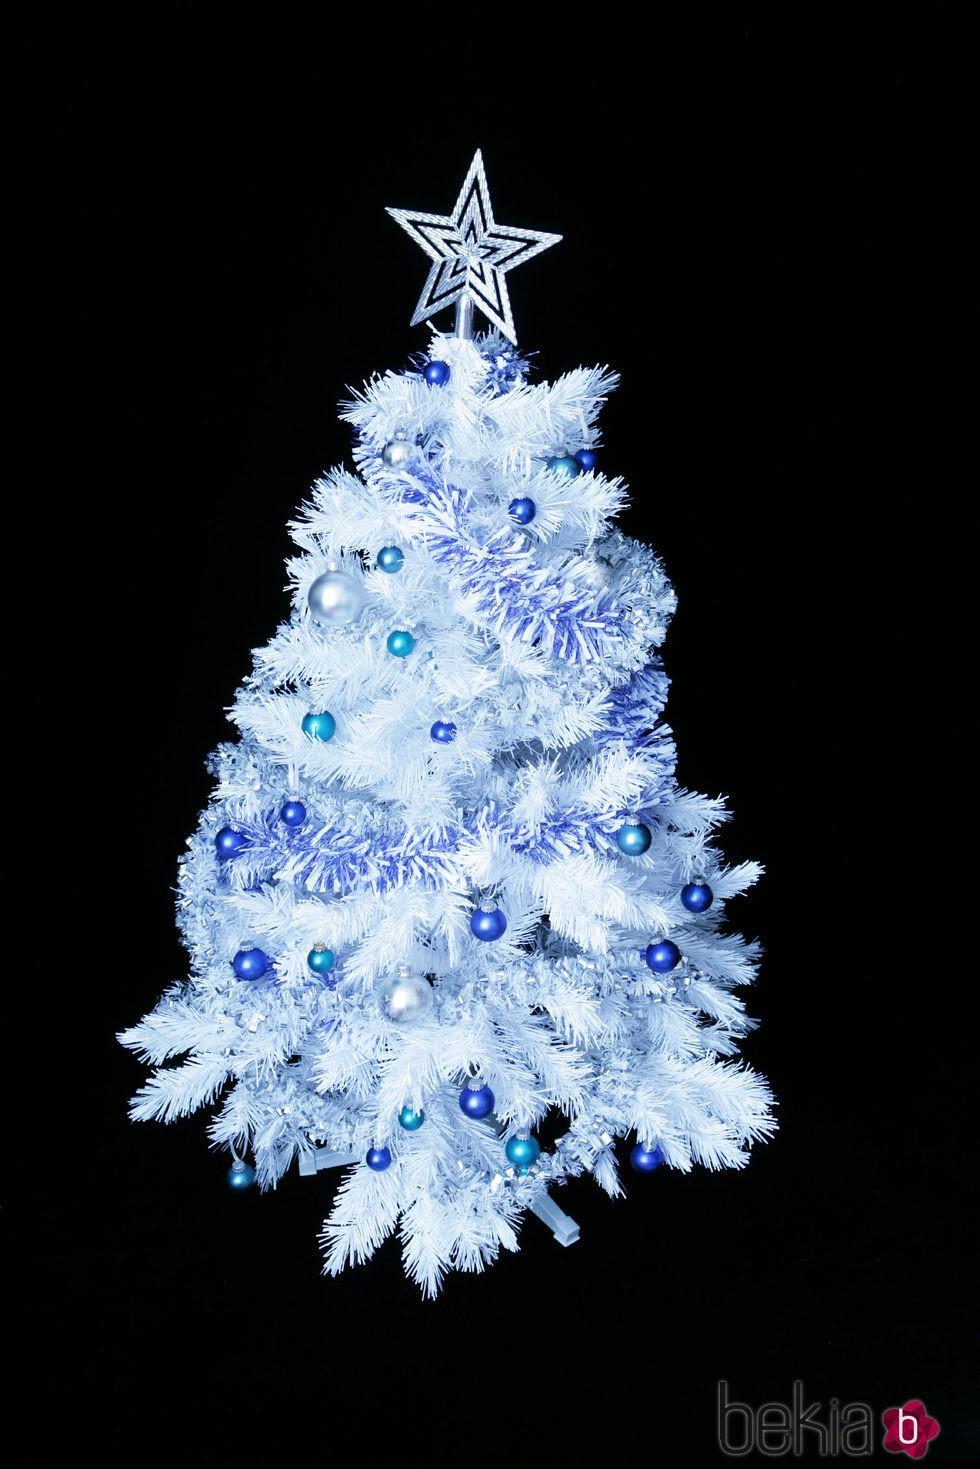 Rbol de navidad blanco sorprende con una decoraci n en - Arbol de navidad en blanco ...